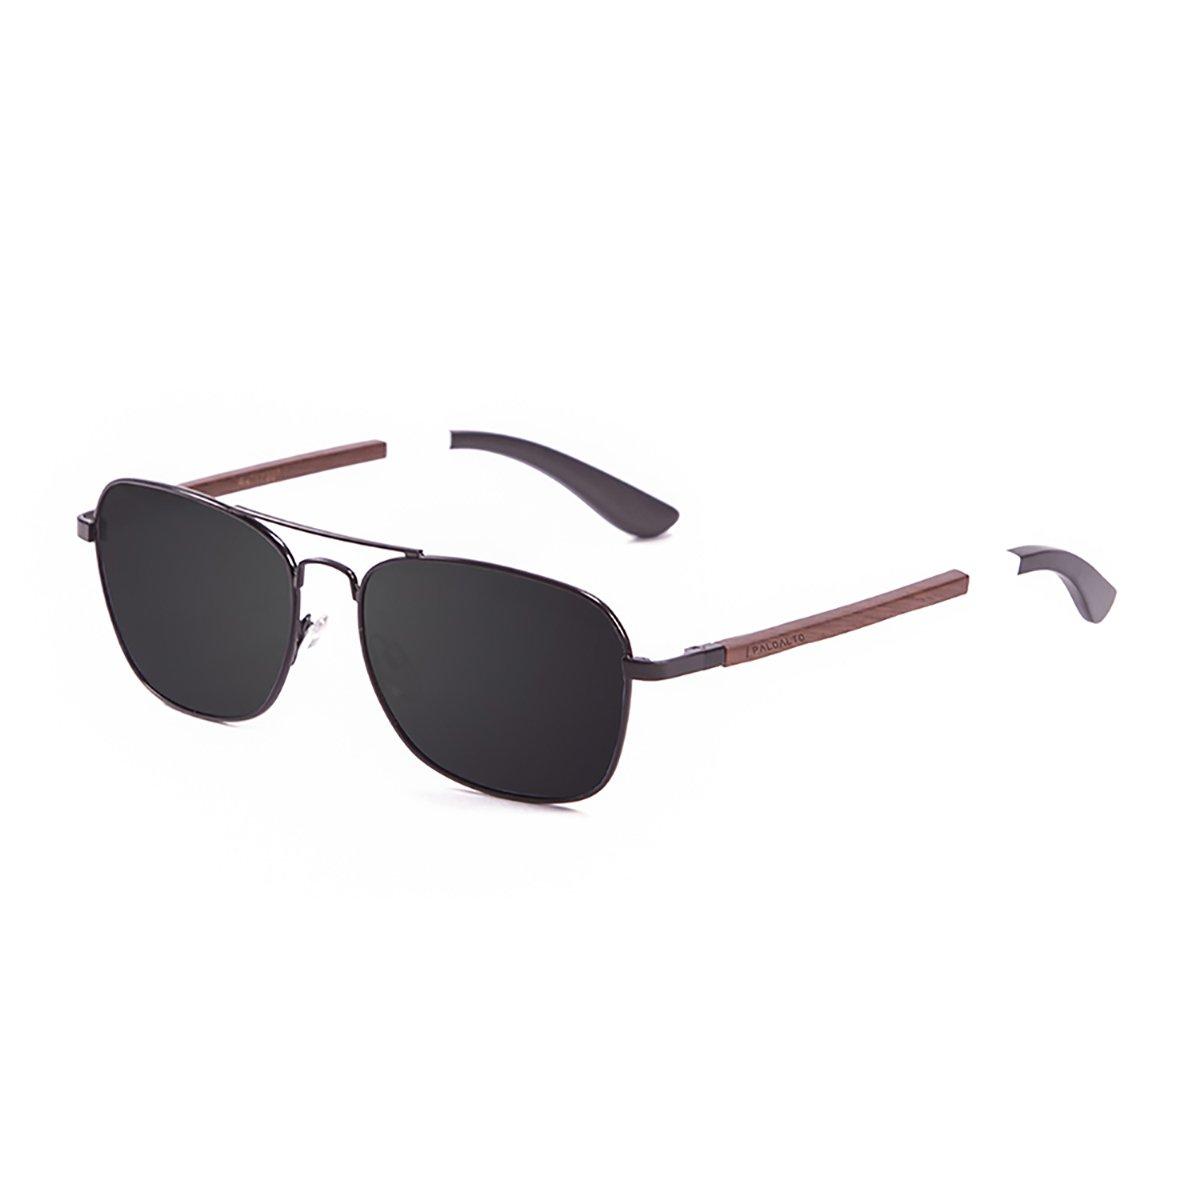 Paloalto Sunglasses P18220.1 Lunette de Soleil Mixte Adulte, Noir